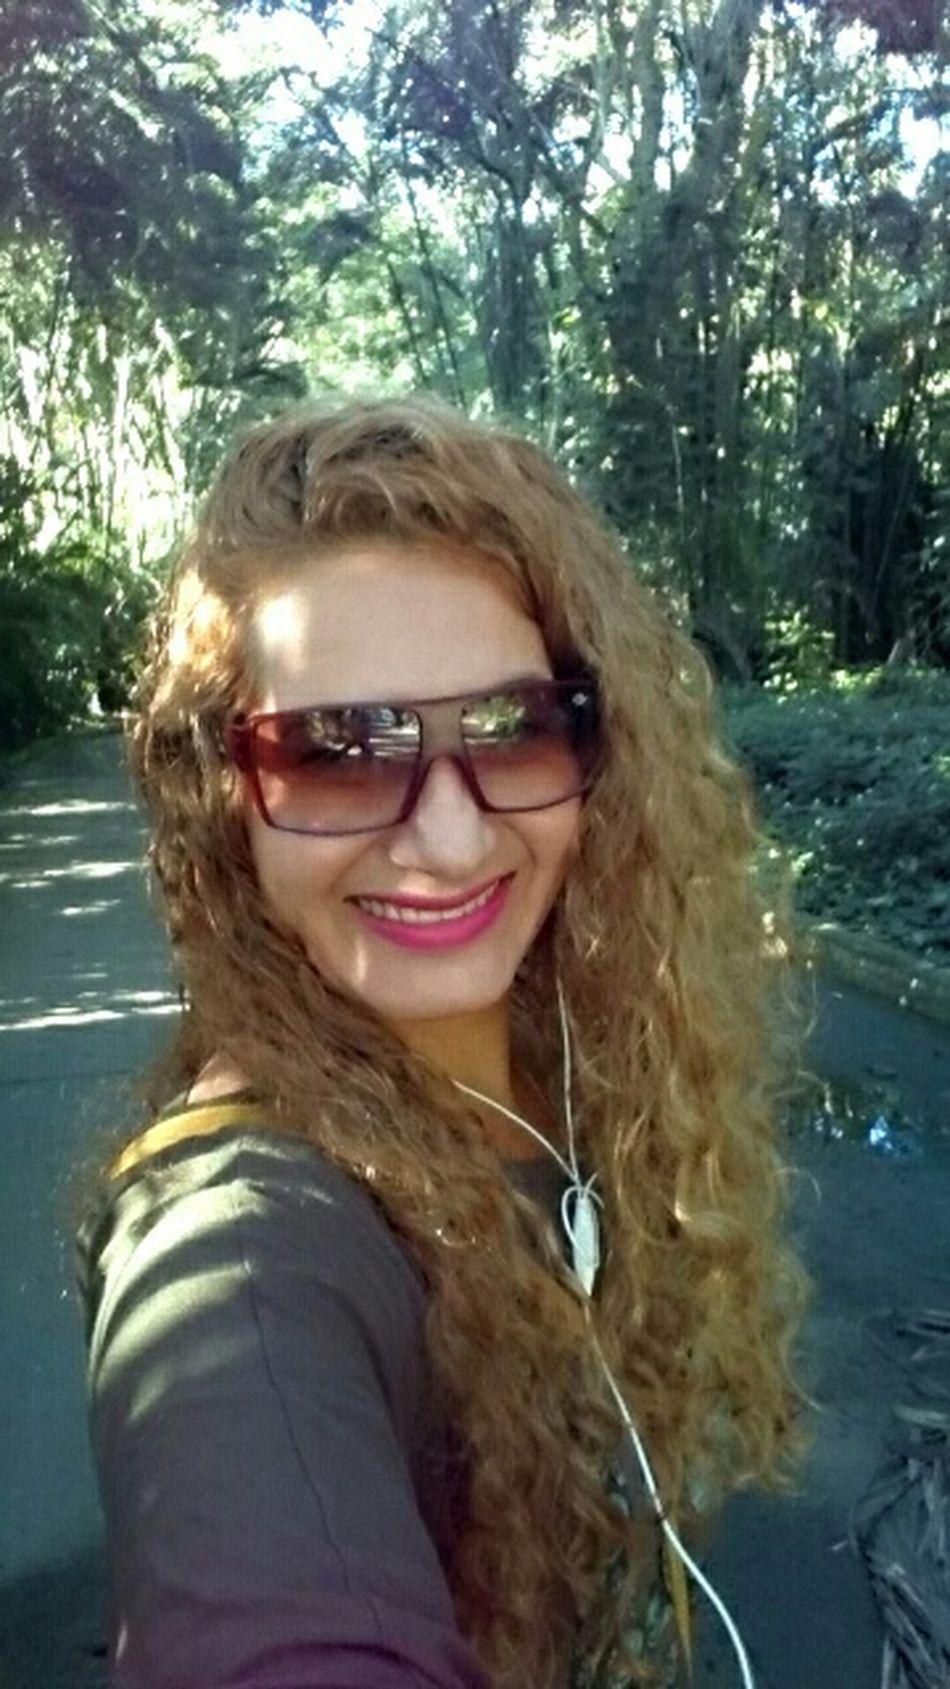 Make It Yourself Ficarlinda Lov3 - Me ❤ Alone Life❤ <3 :3 Lov3